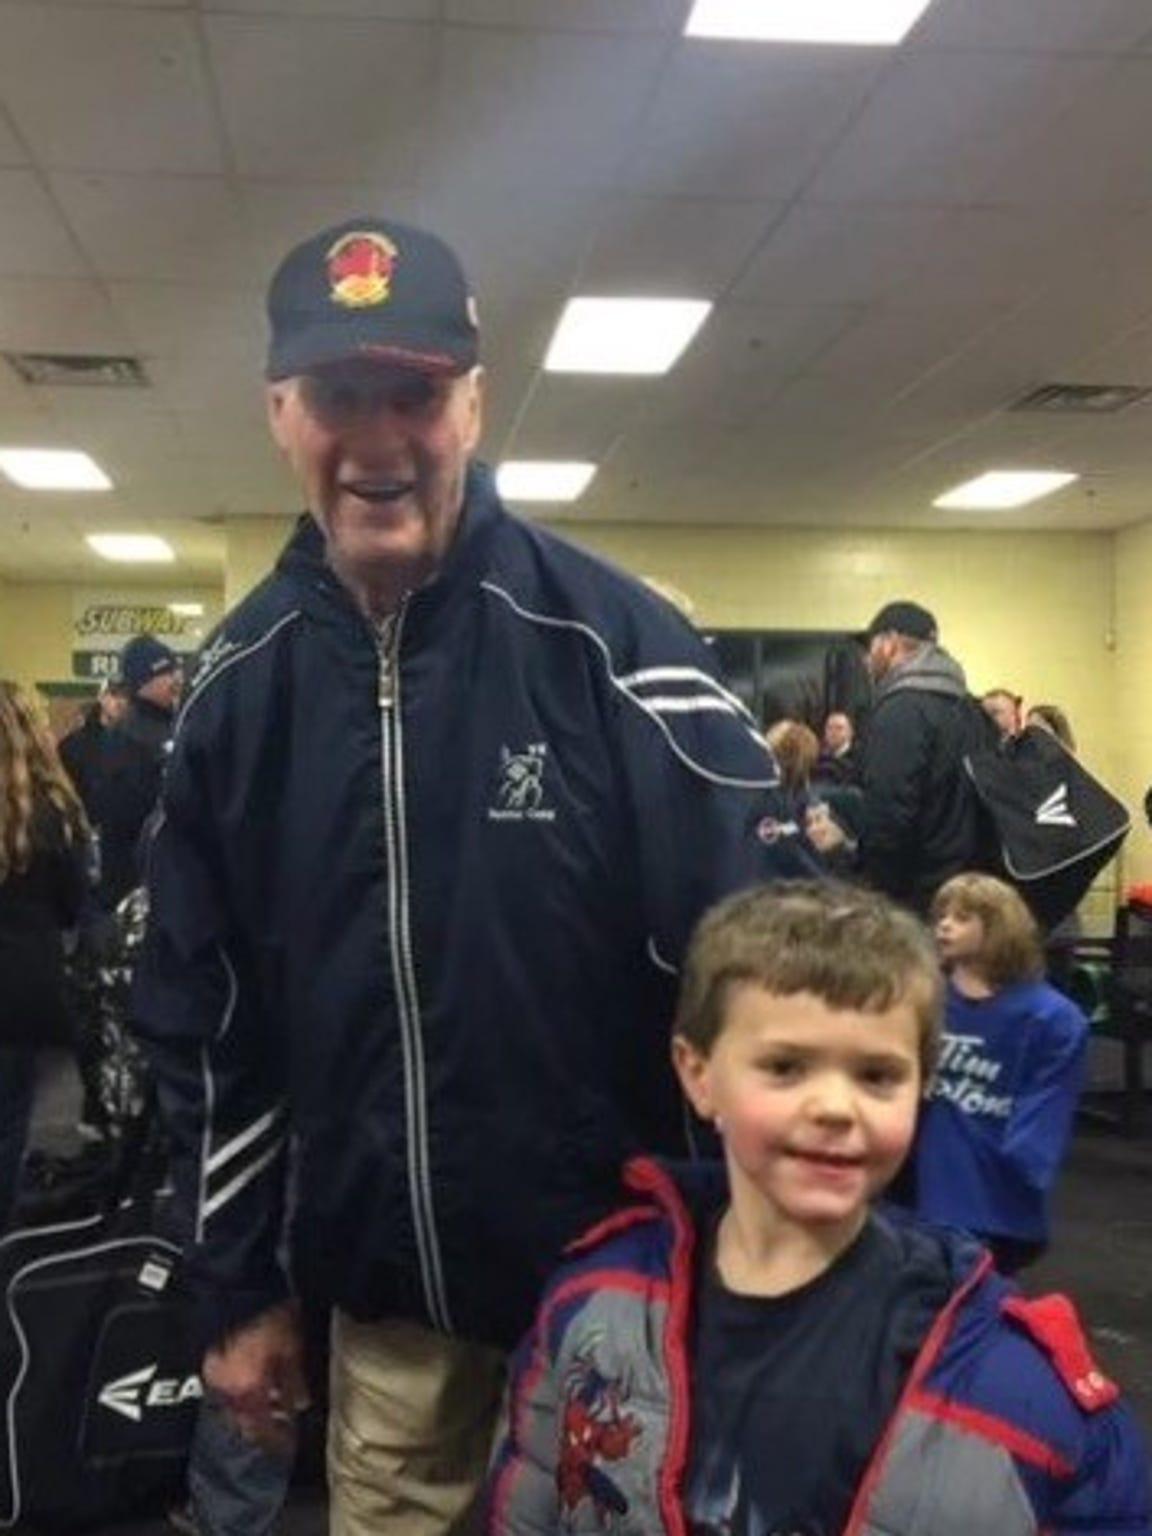 Gordie Howe with 6-year-old Gordie Pierce, who was named in his honor.